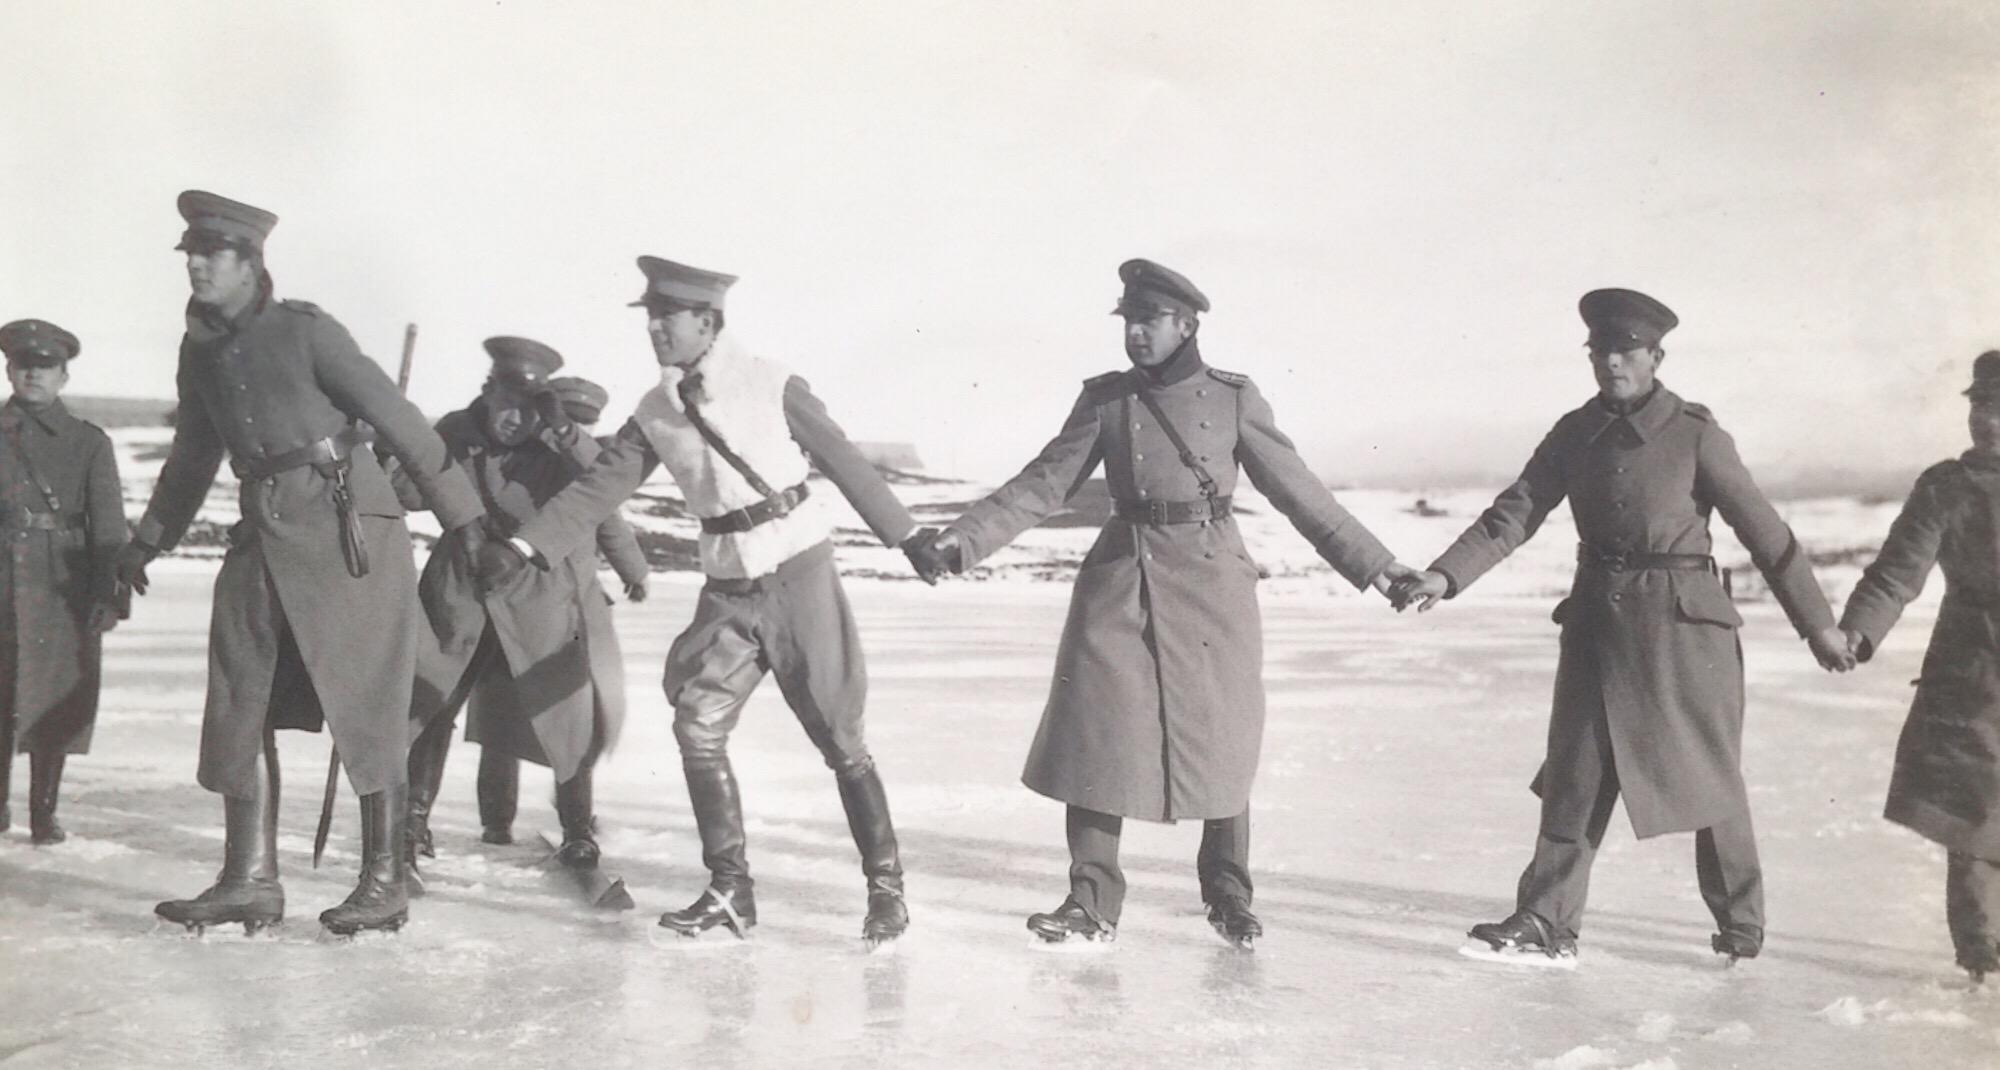 Enterreno - Fotos históricas de chile - fotos antiguas de Chile - Soldados Punta Arenas en 1918